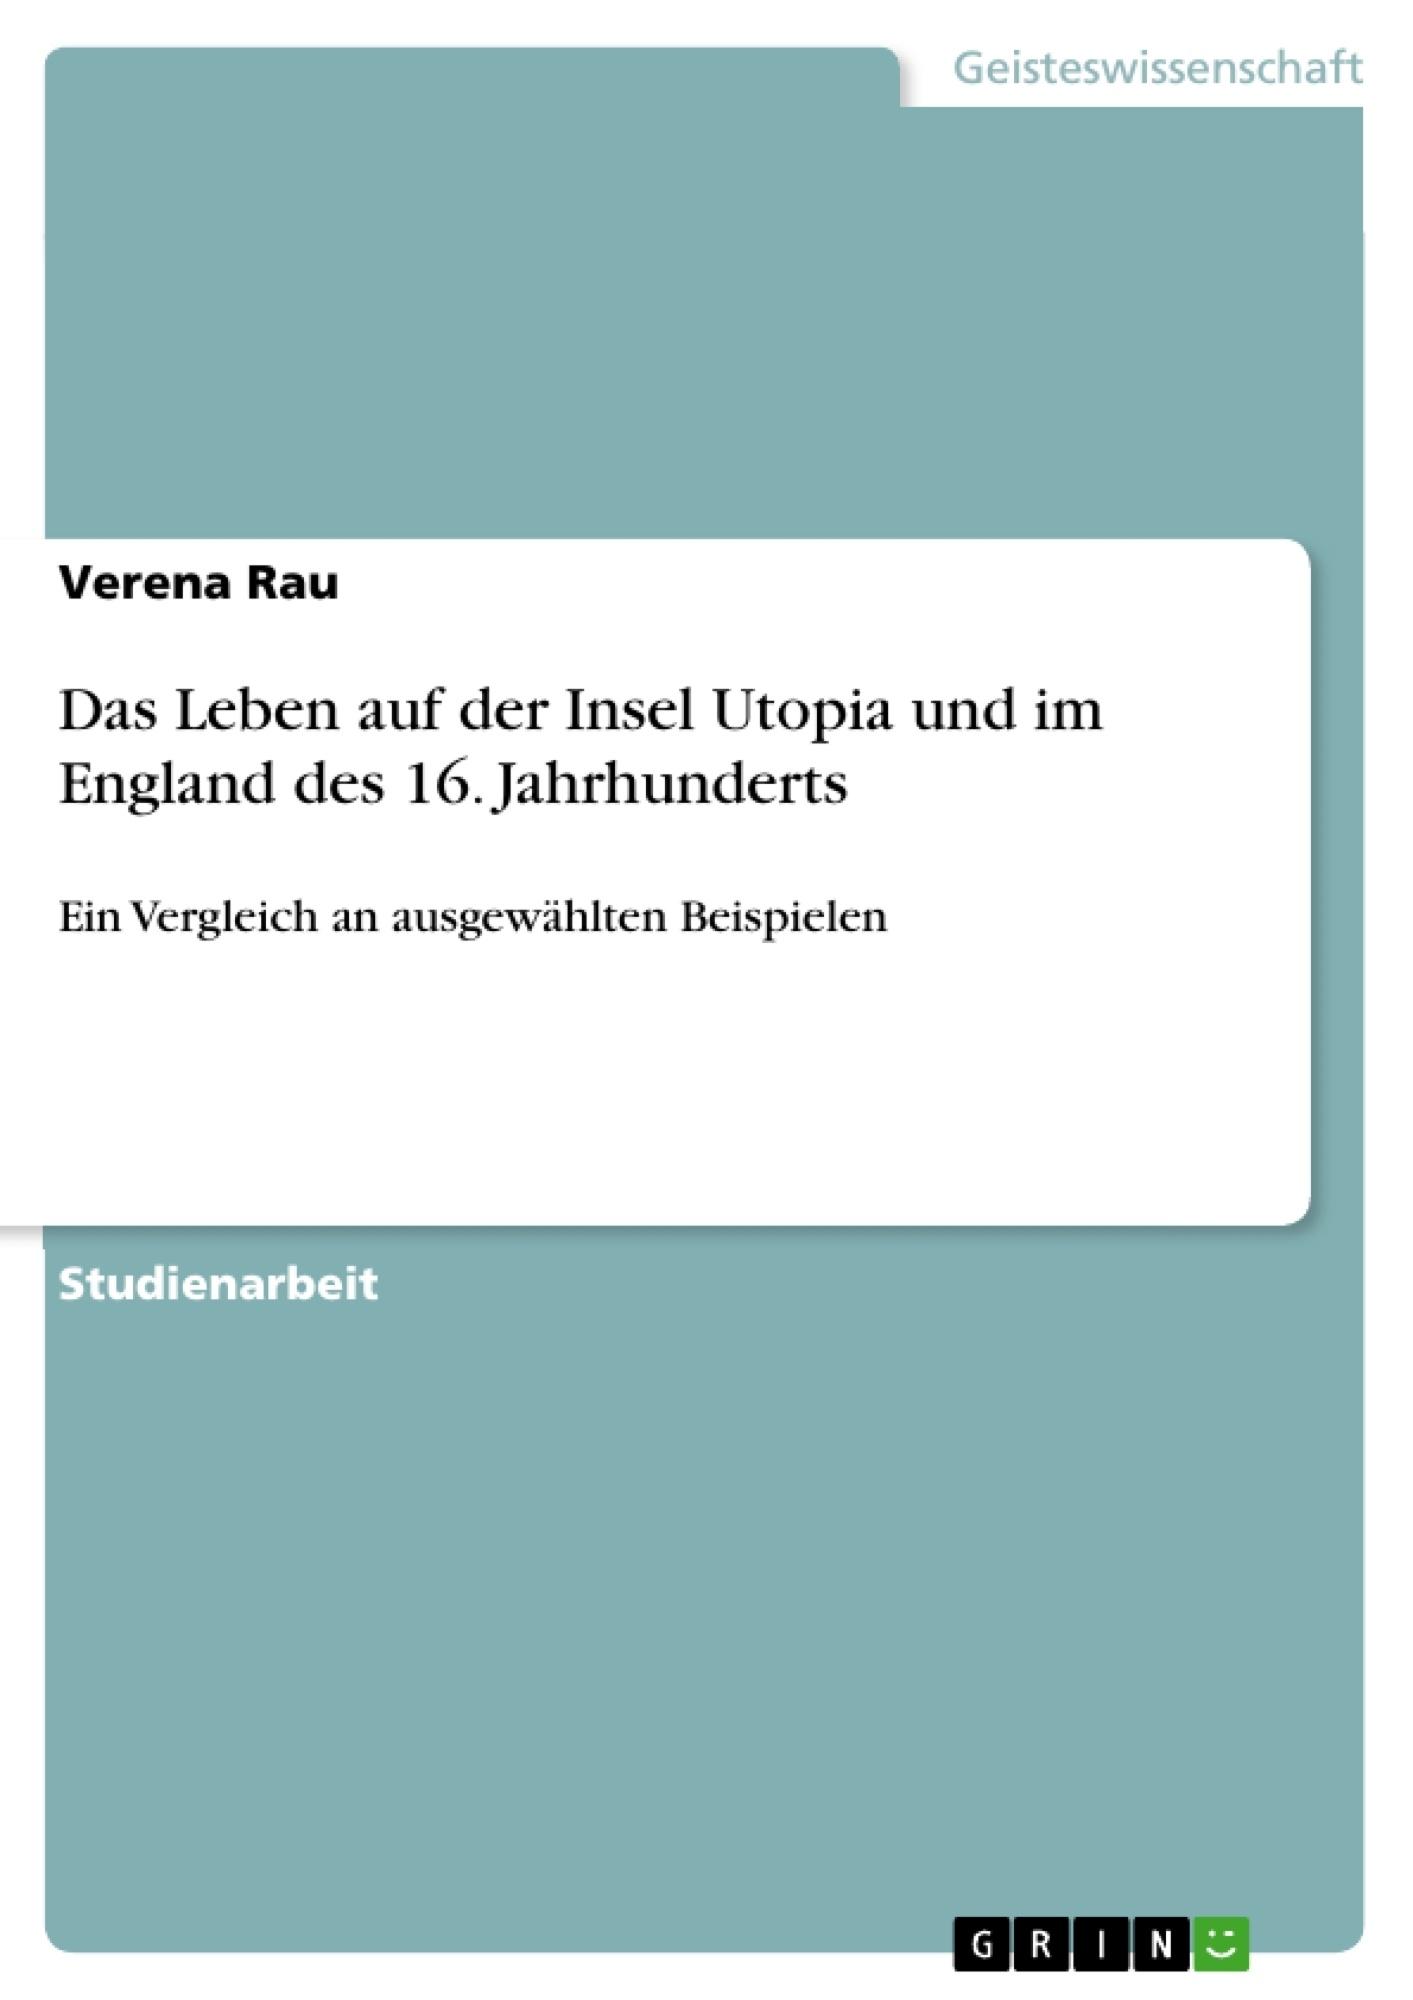 Titel: Das Leben auf der Insel Utopia und im England des 16. Jahrhunderts